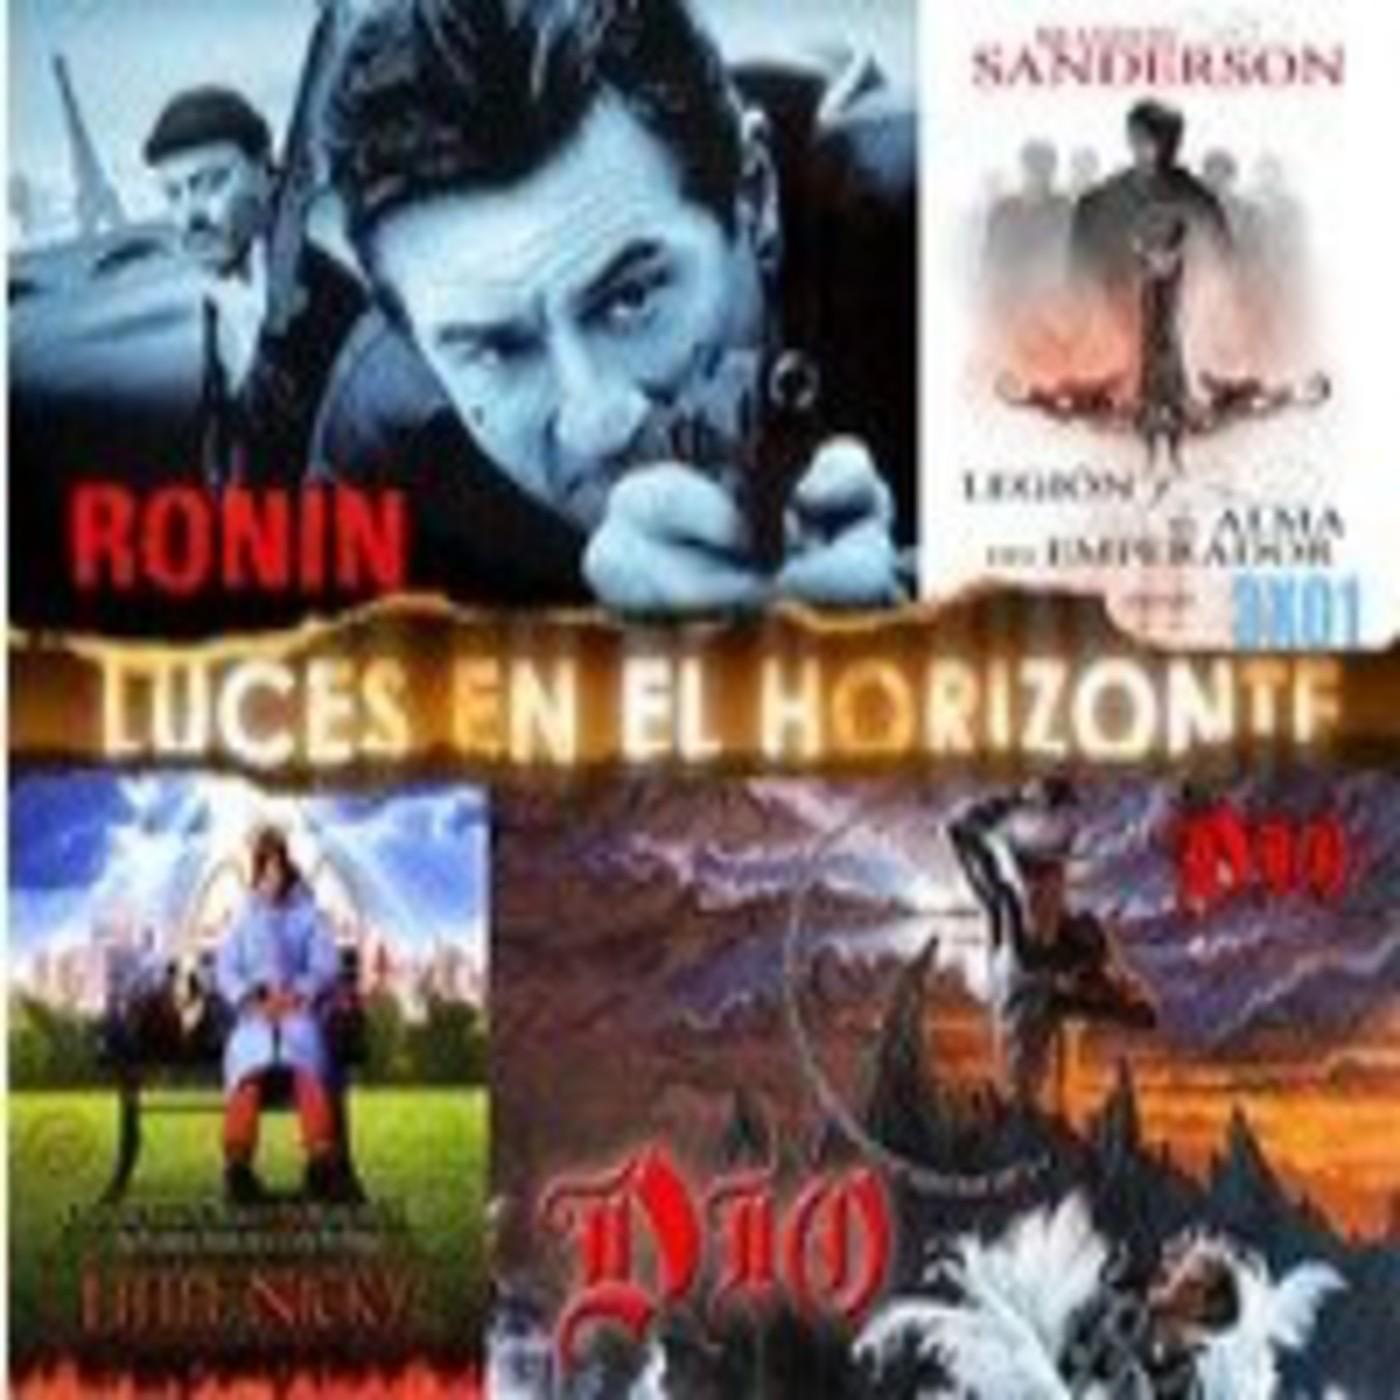 Luces en el Horizonte 3X01: Ronin, Dio, Brandon Sanderson (Legión y El alma del Emperador), Little Nicky